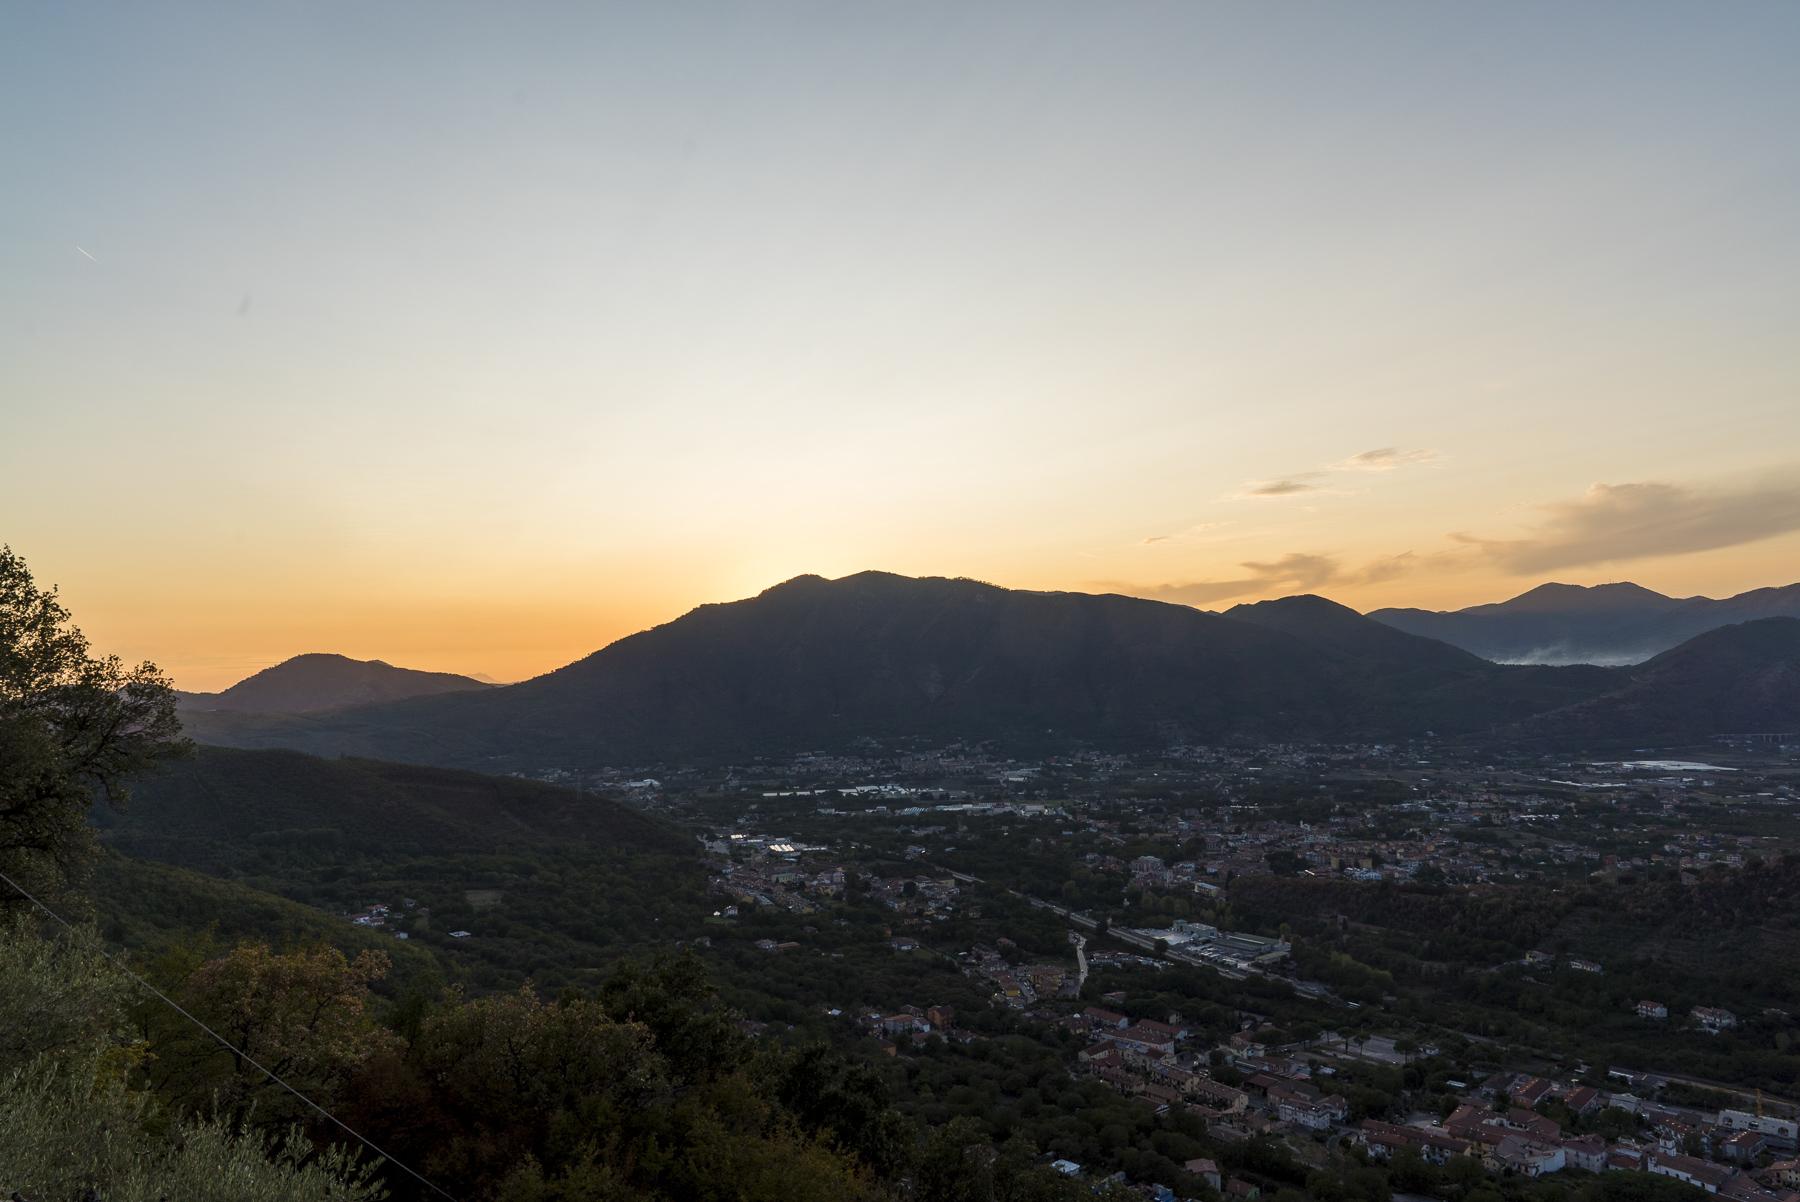 Schöne Aussicht beim Sonnenuntergang von der Incoronata aus